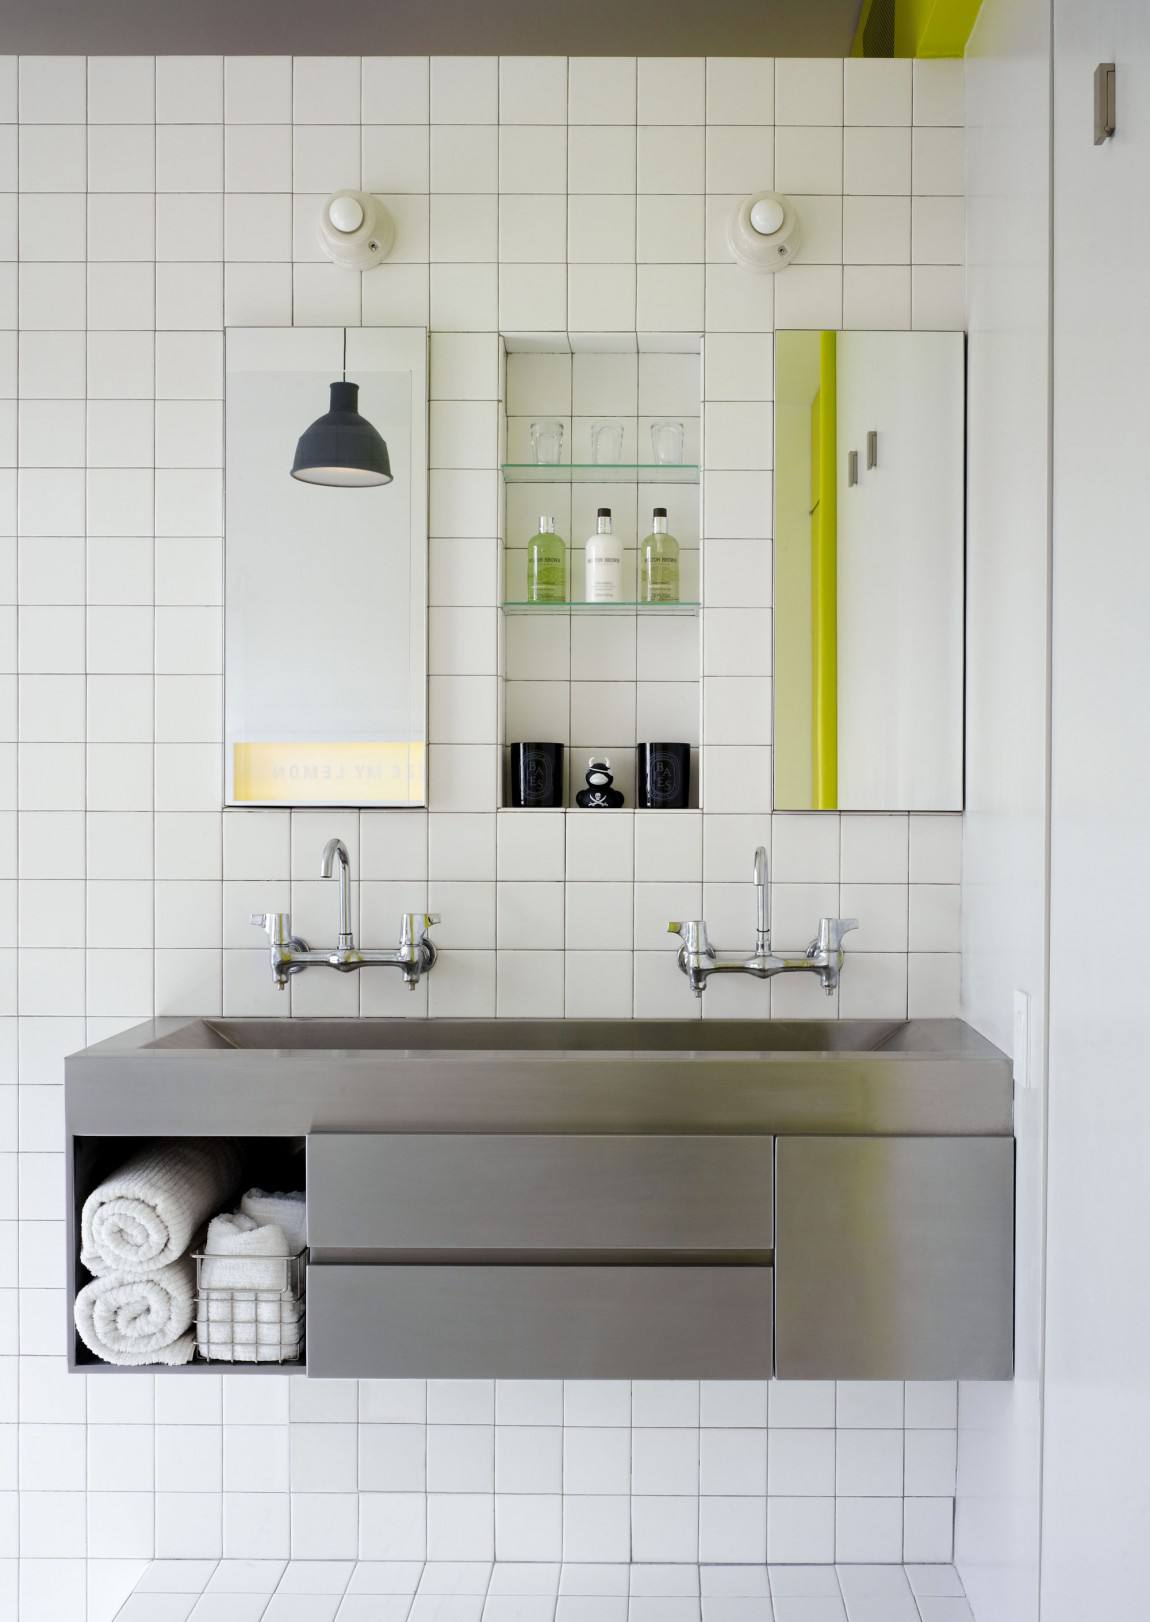 简约宜家卫生间白色马赛克墙面设计